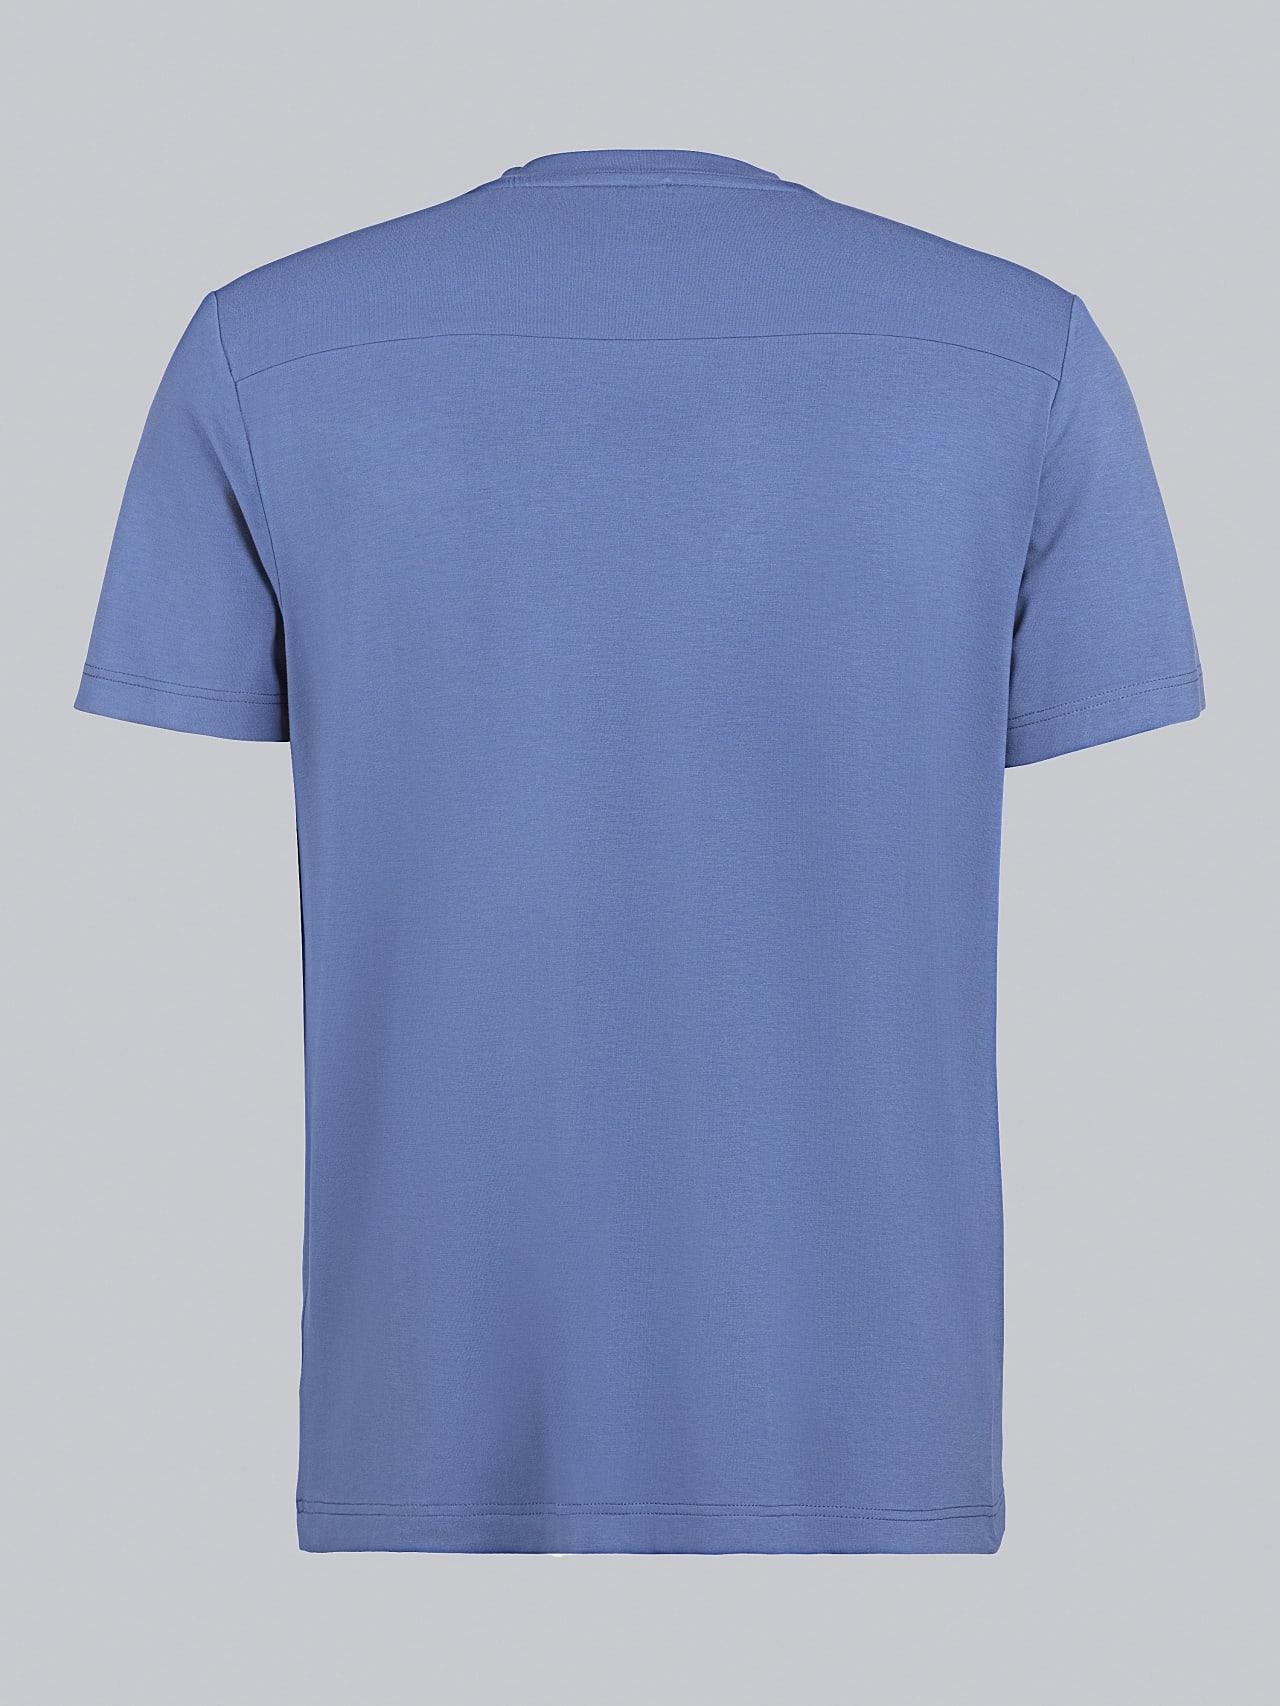 JANUE V1.Y5.02 Viscose T-Shirt light blue Left Alpha Tauri